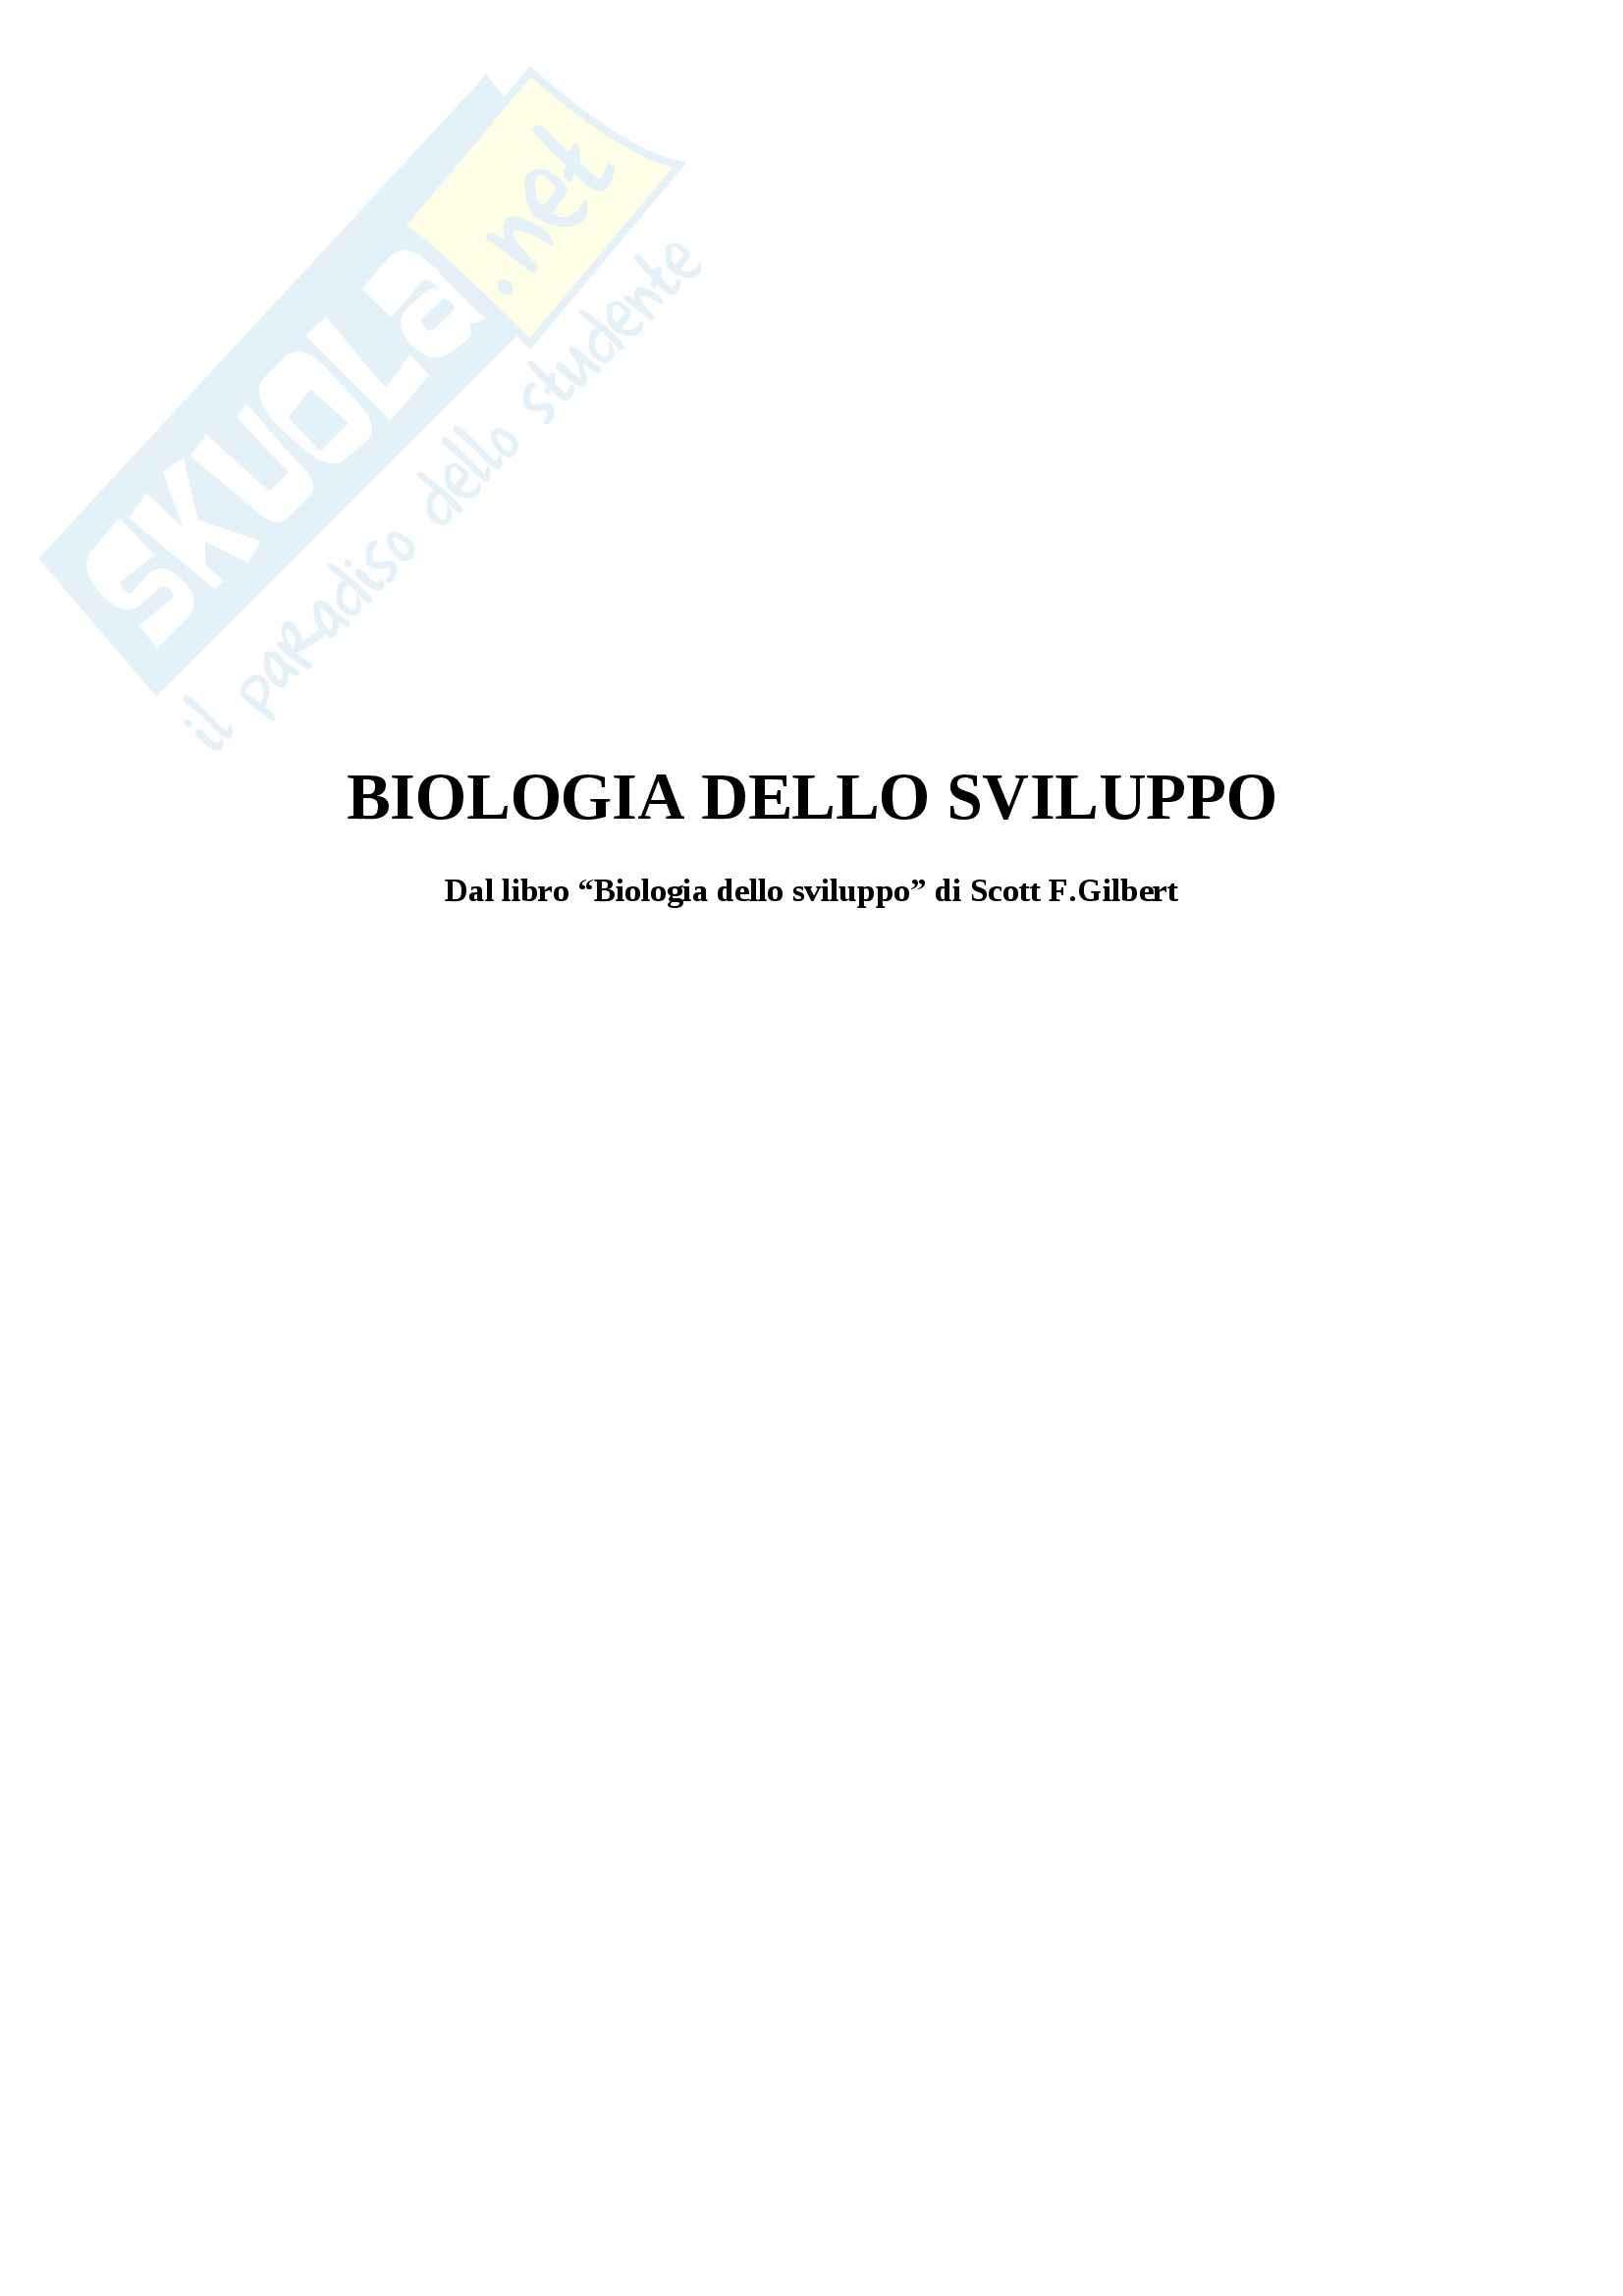 Riassunto esame Biologia dello Sviluppo, prof. Moreno, libro consigliato Biologia dello Sviluppo di Scott